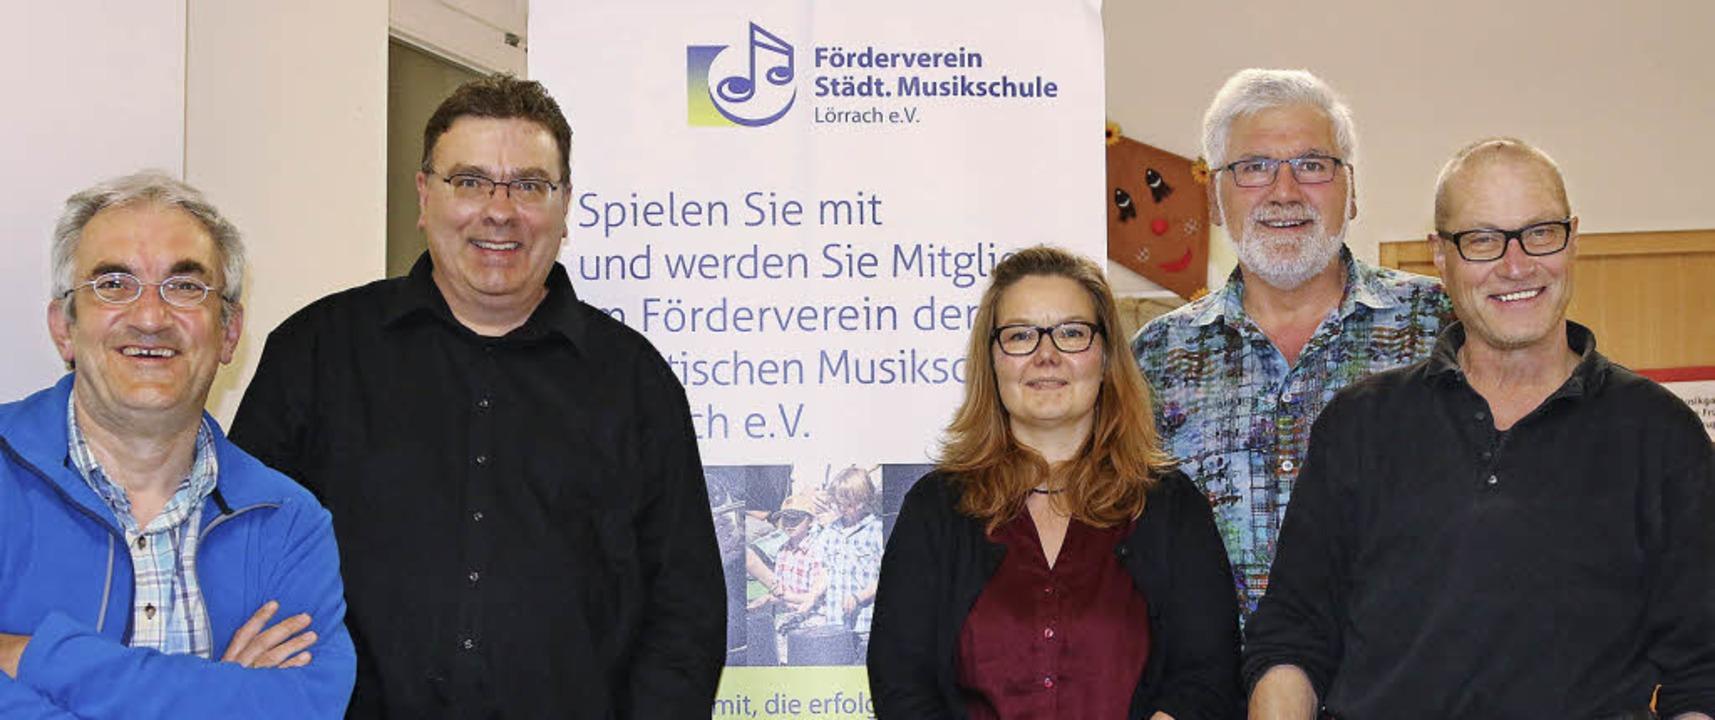 Der neue Vorstand ist fast identisch m...r) und als neuer Beisitzer Peter Dums.    Foto: Katharina Bartsch